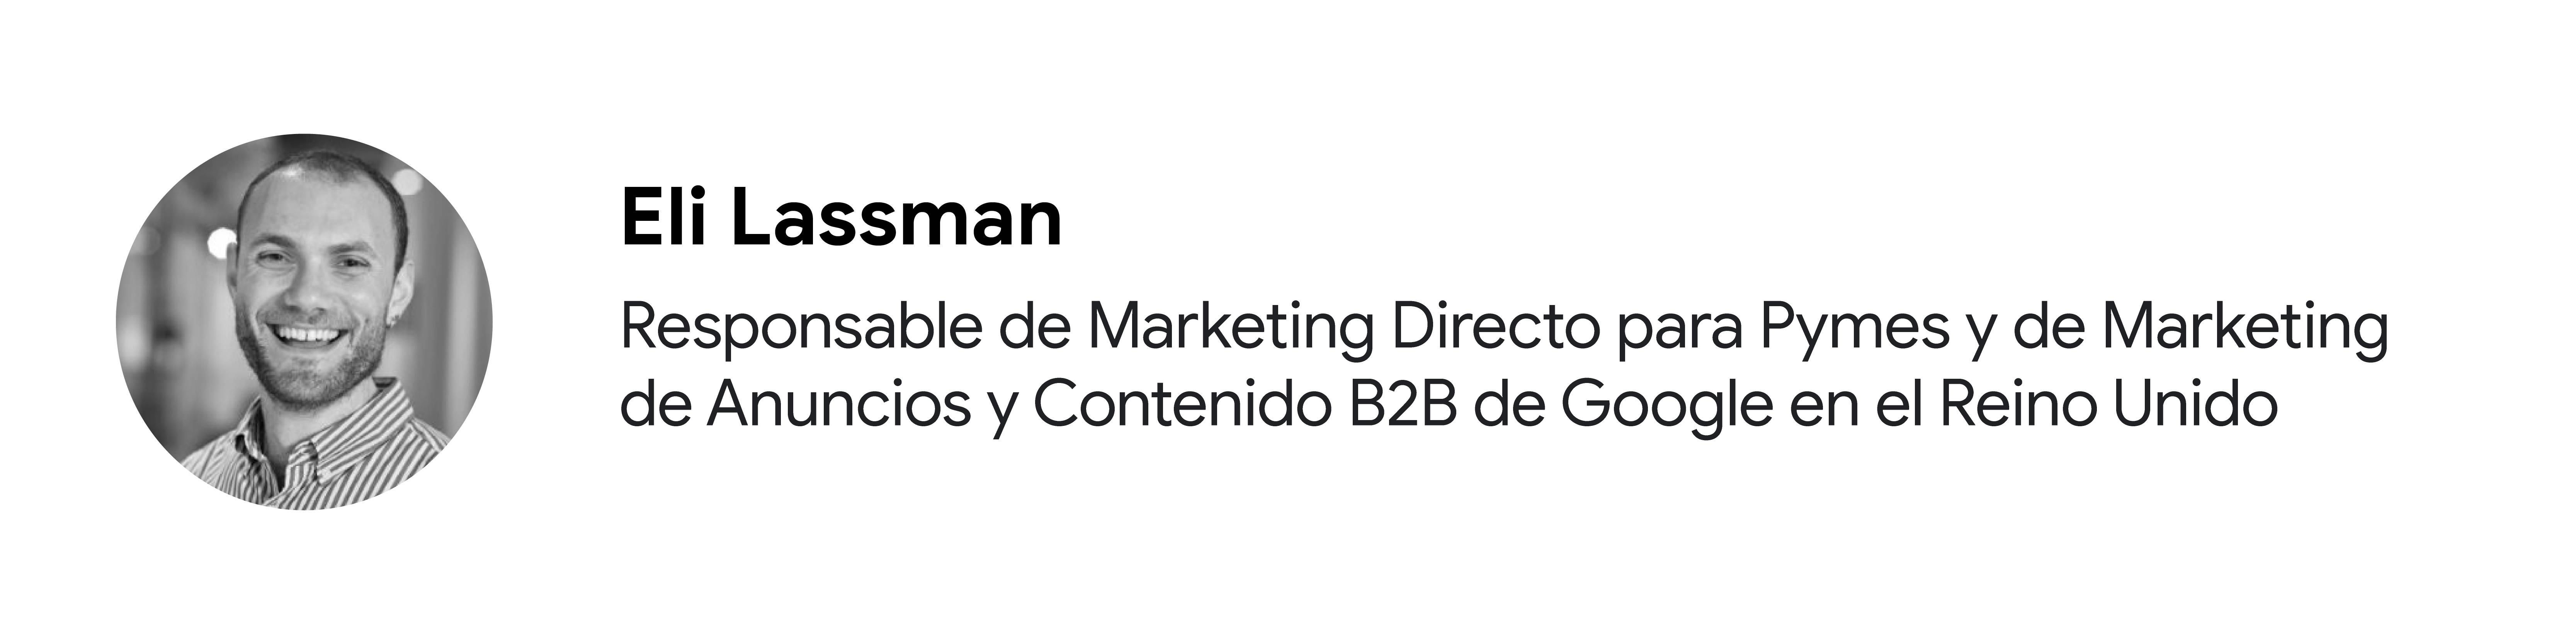 Foto en blanco y negro del colaborador Eli Lassman, responsable de Marketing Directo para Pymes y de Marketing de Anuncios y Contenido B2B de Google en el Reino Unido